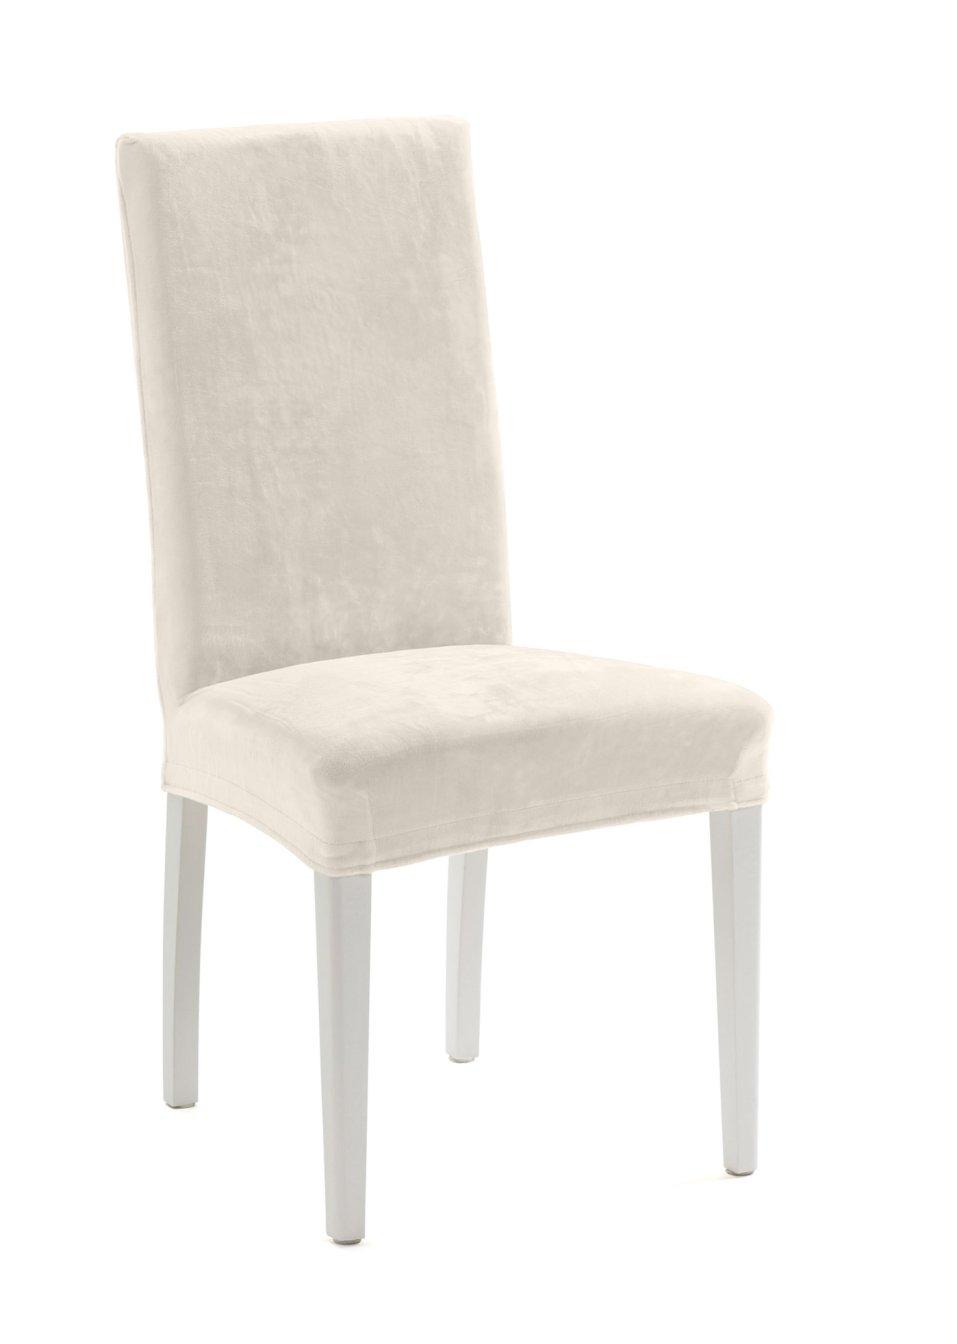 housse de chaise susi cru maison bpc living. Black Bedroom Furniture Sets. Home Design Ideas